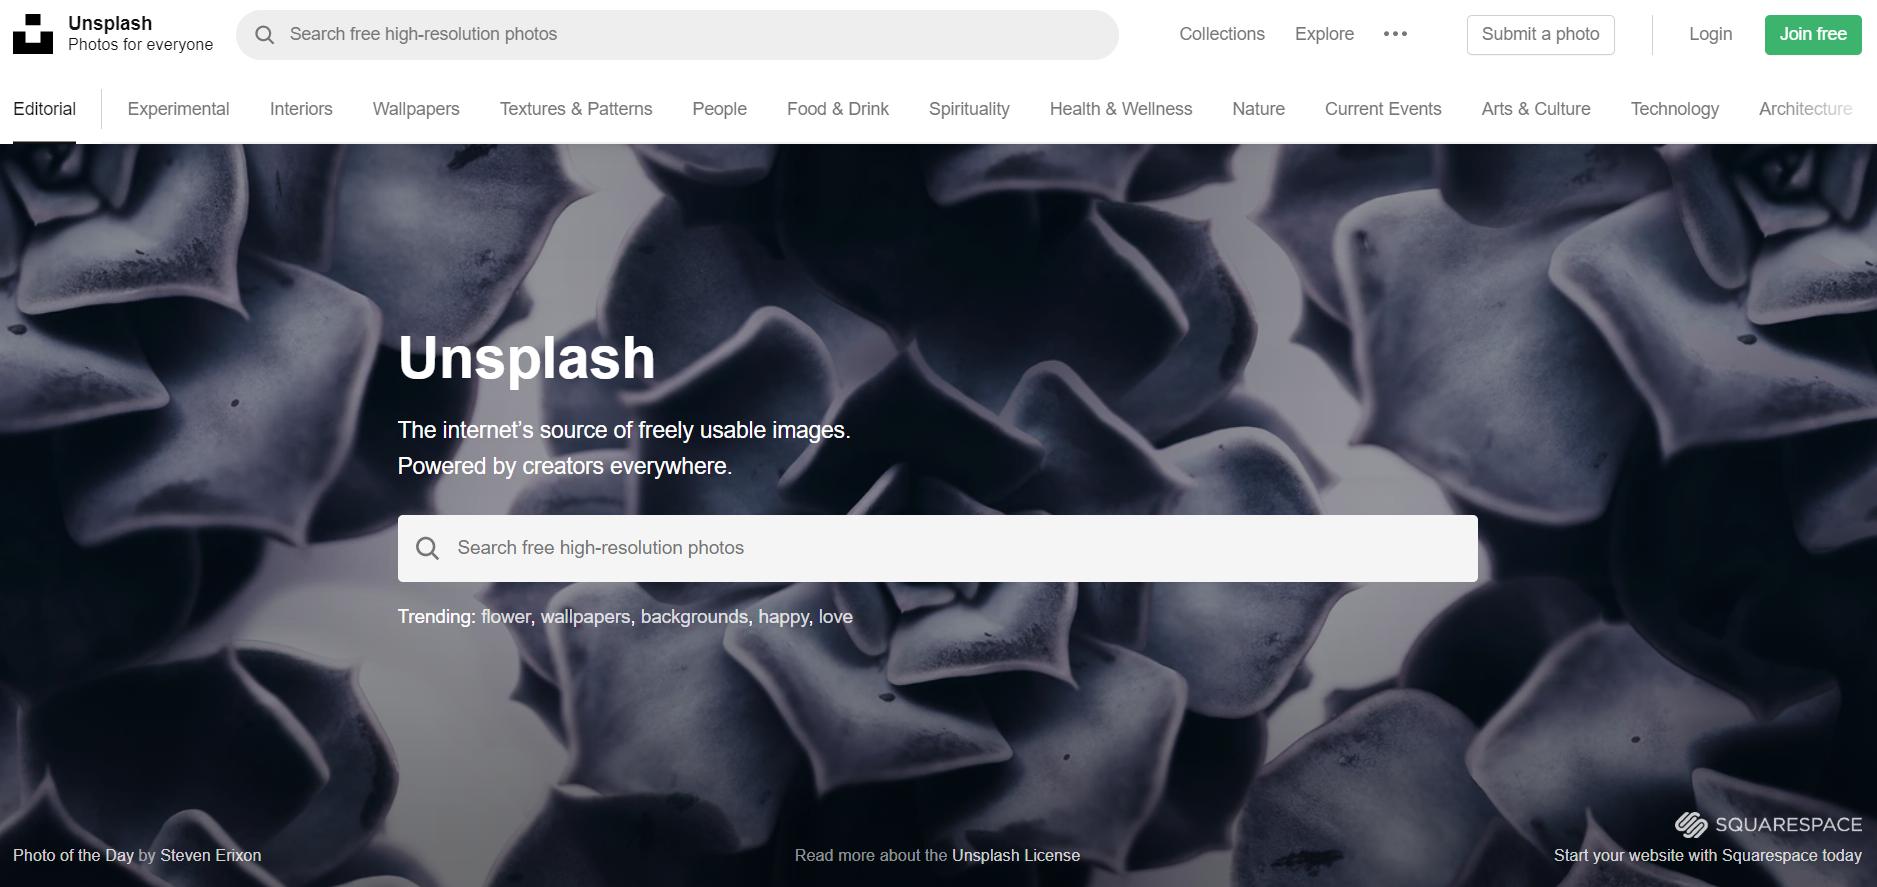 Unsplsh : site de photos gratuites